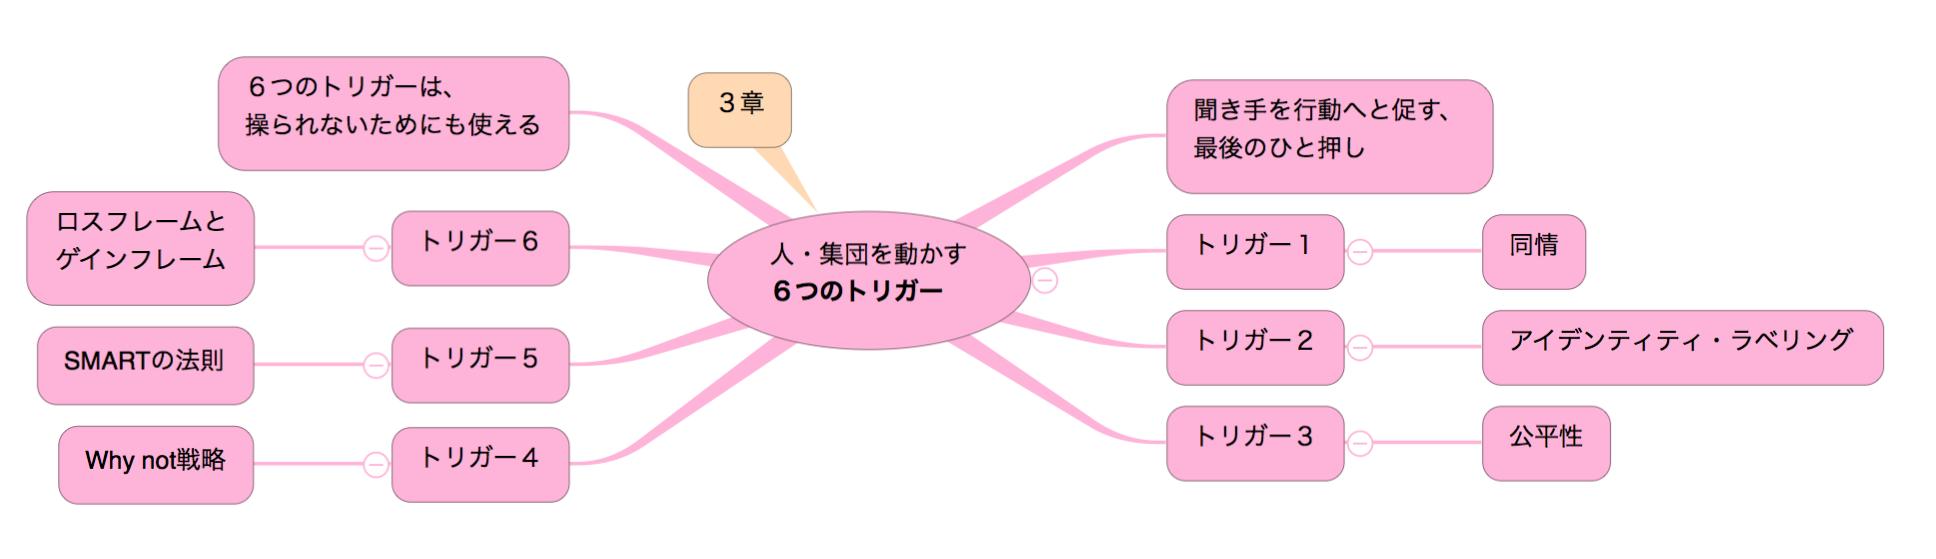 「超影響力」の目次(3章)のマインドマップ